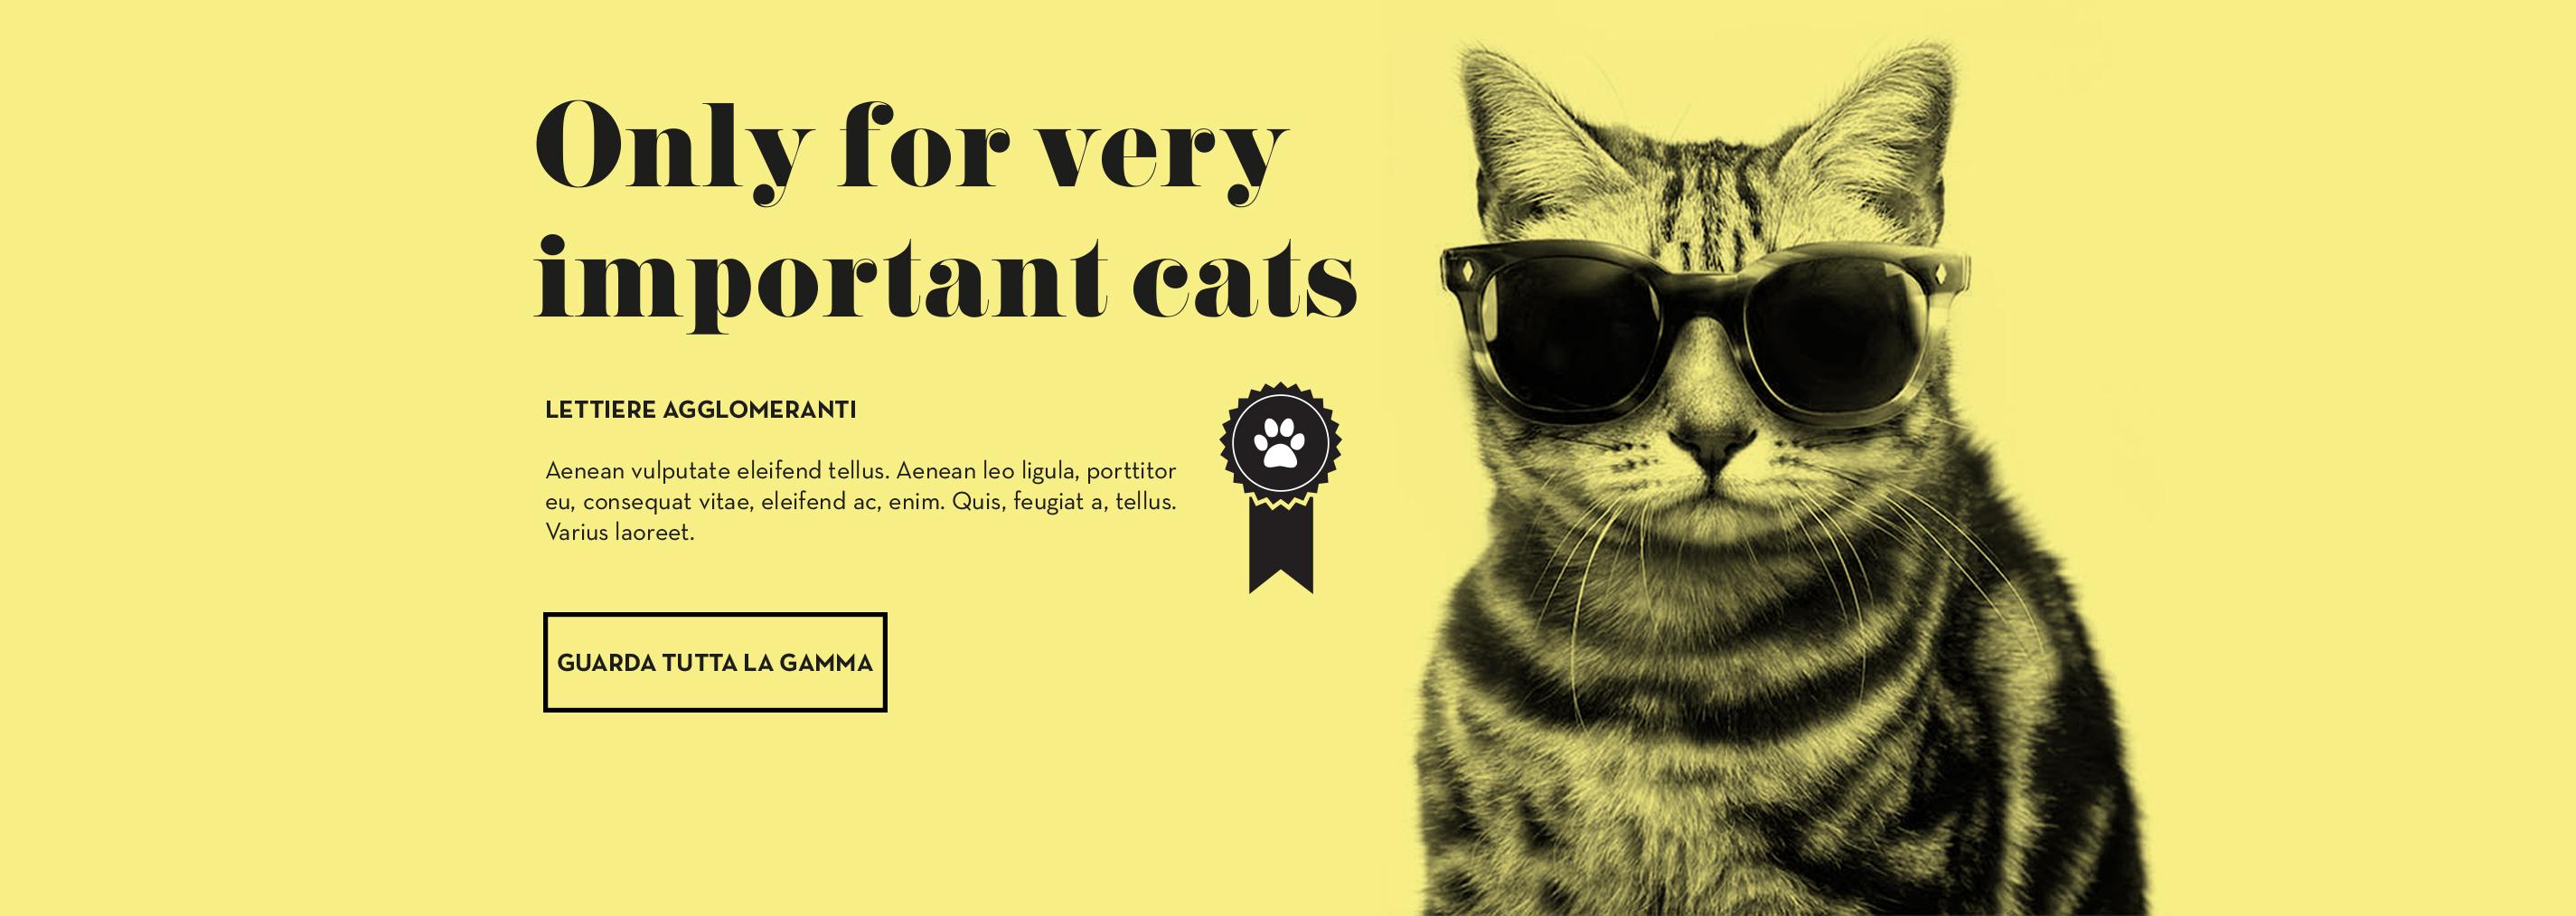 Lettiere agglomeranti per gatti importanti